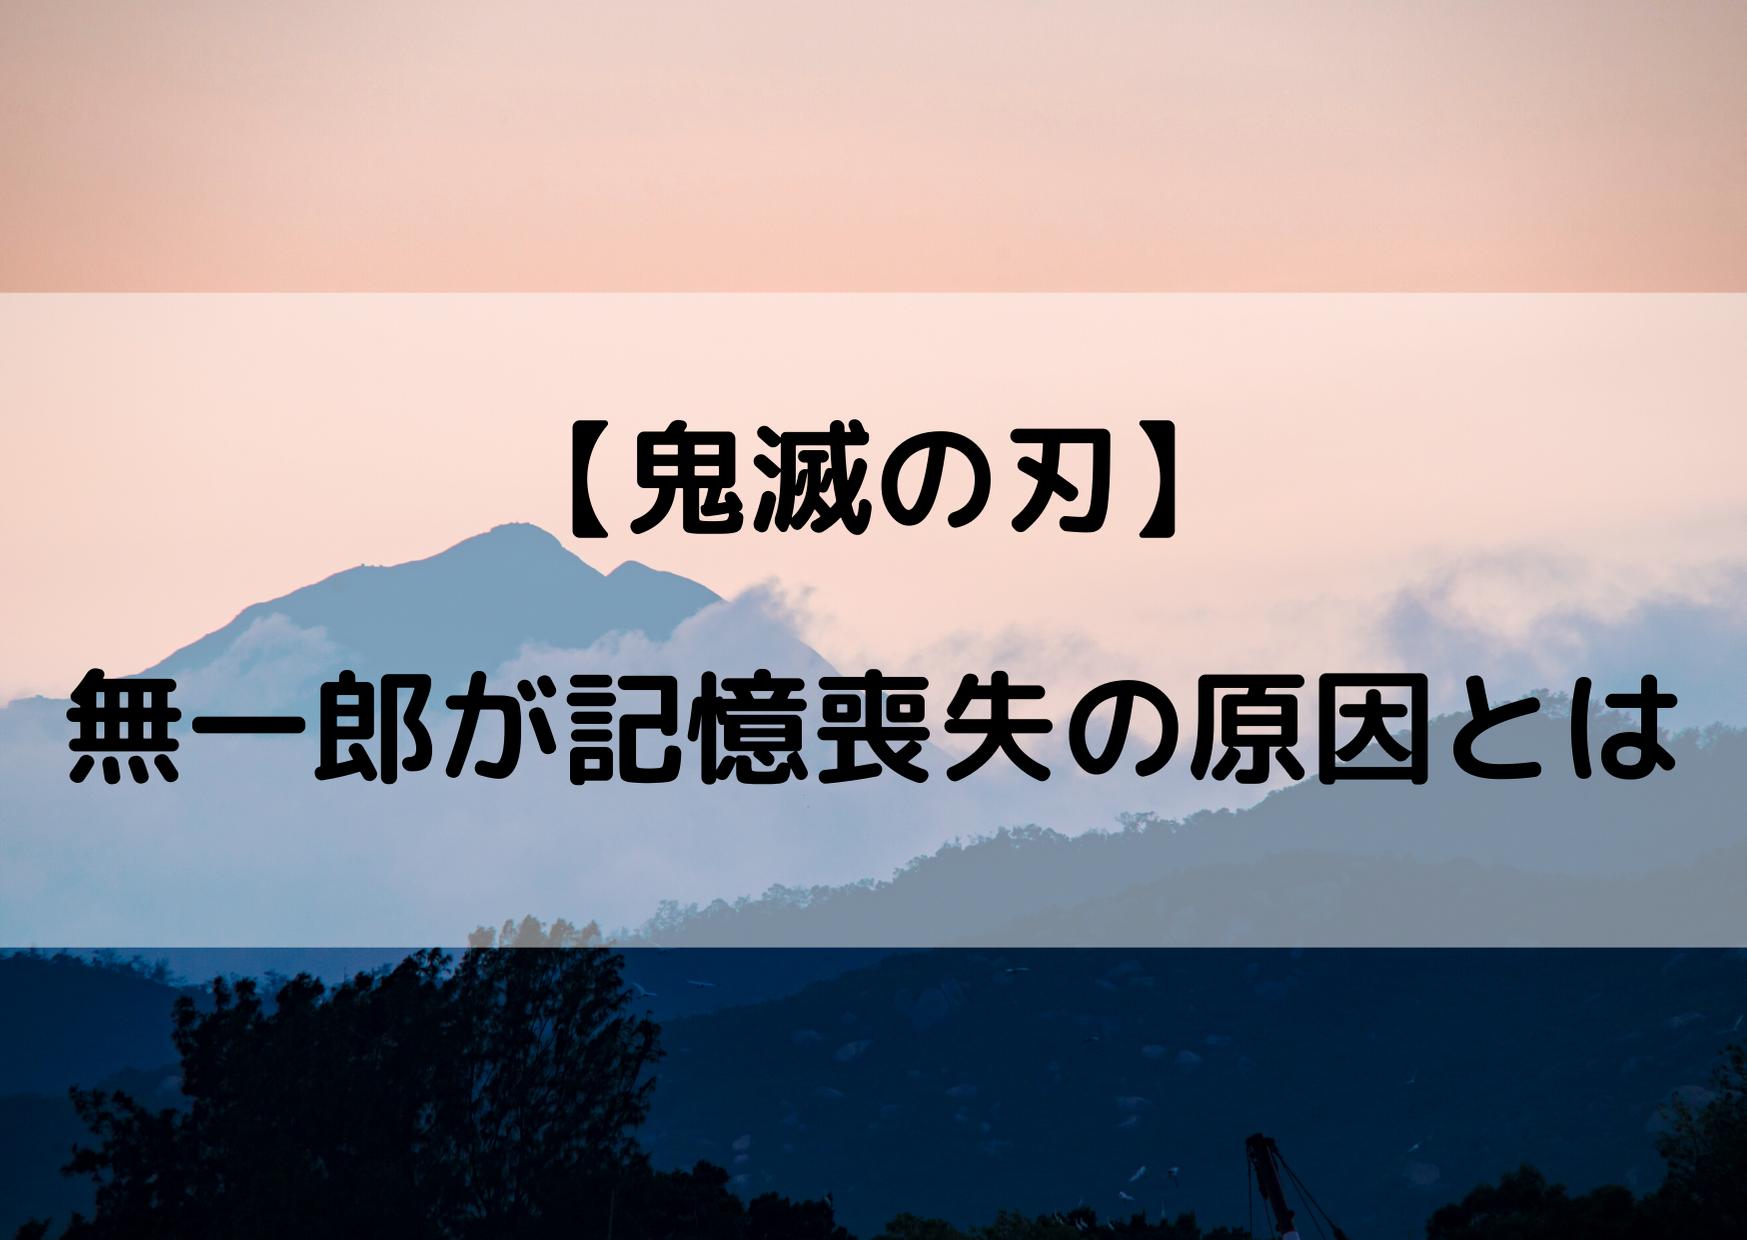 くん 無 一郎